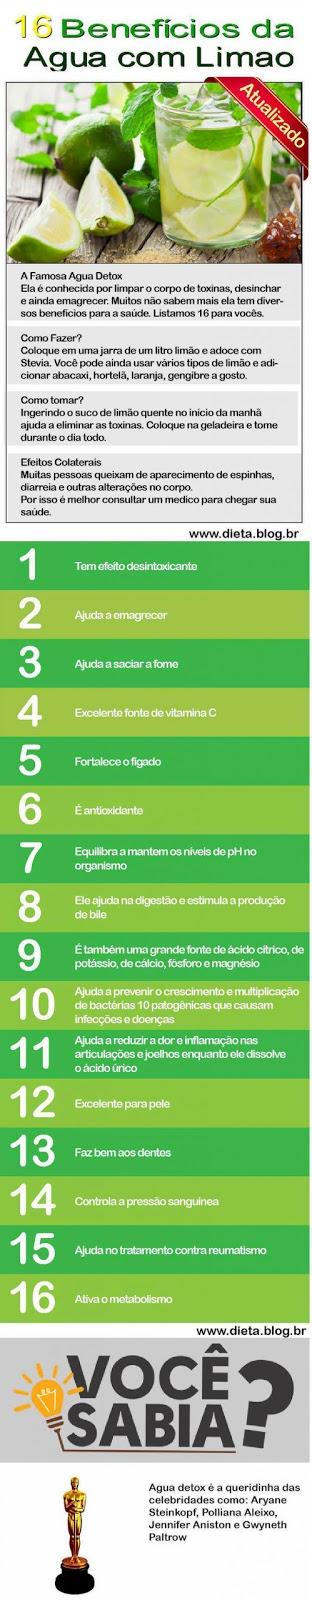 http://dieta.blog.br/dieta-detox-cardapio-completo-perca-9kg-em-21-dias-garantido